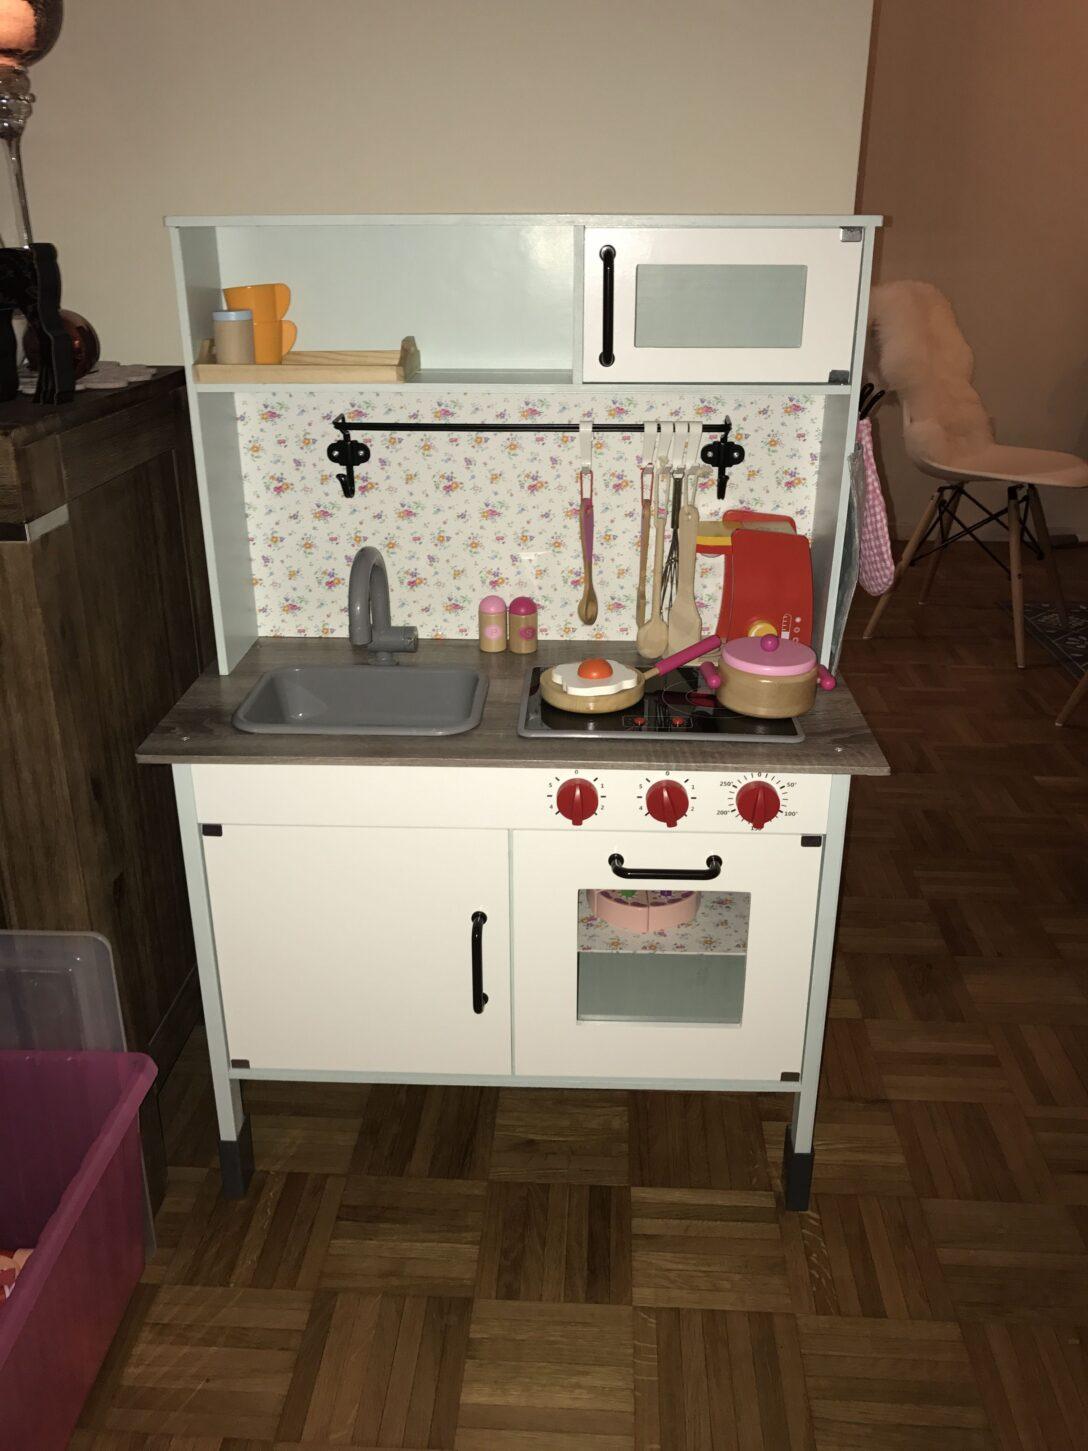 Large Size of Lidl Kindekche Aufgepimpt Mit Bildern Kinderkche Küchen Regal Wohnzimmer Lidl Küchen